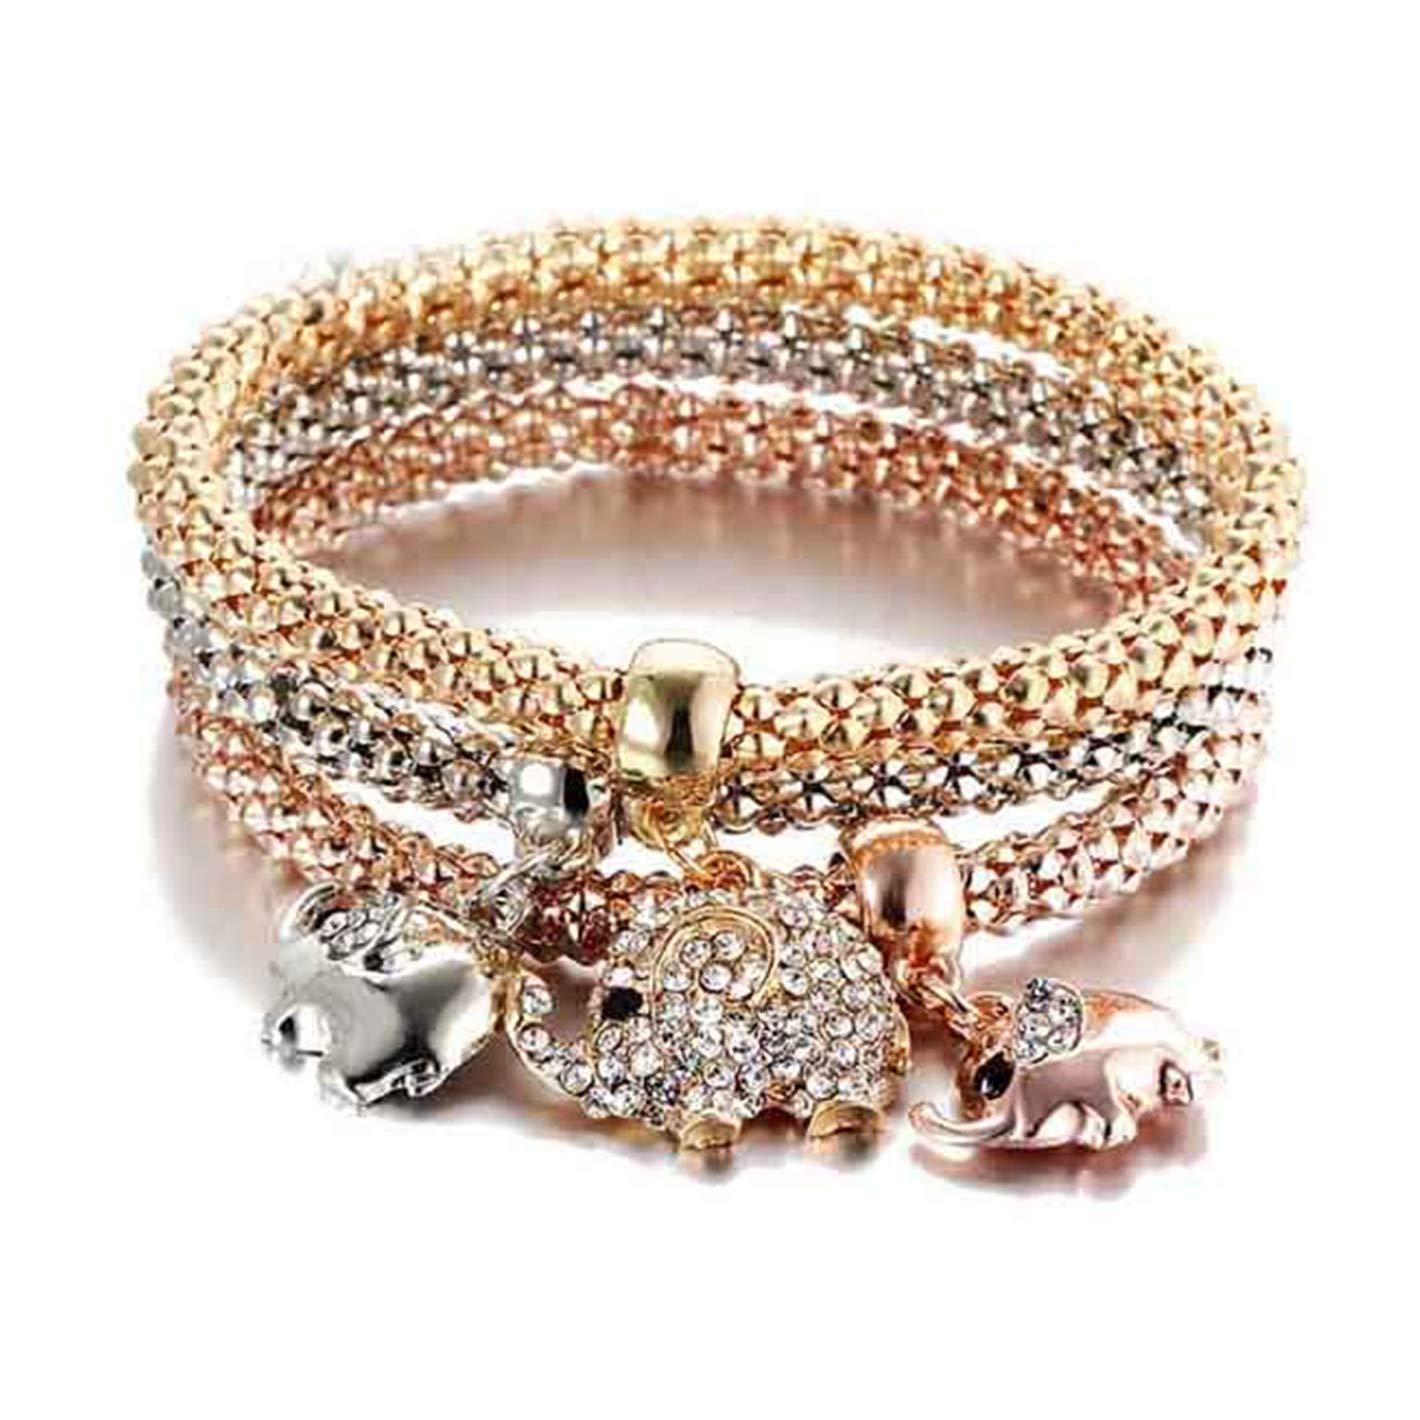 New 3Pcs Gold Color Crystal Owl Charm Bracelets for Women Elephant Anchor Bracelet Multilayer Bangles pul